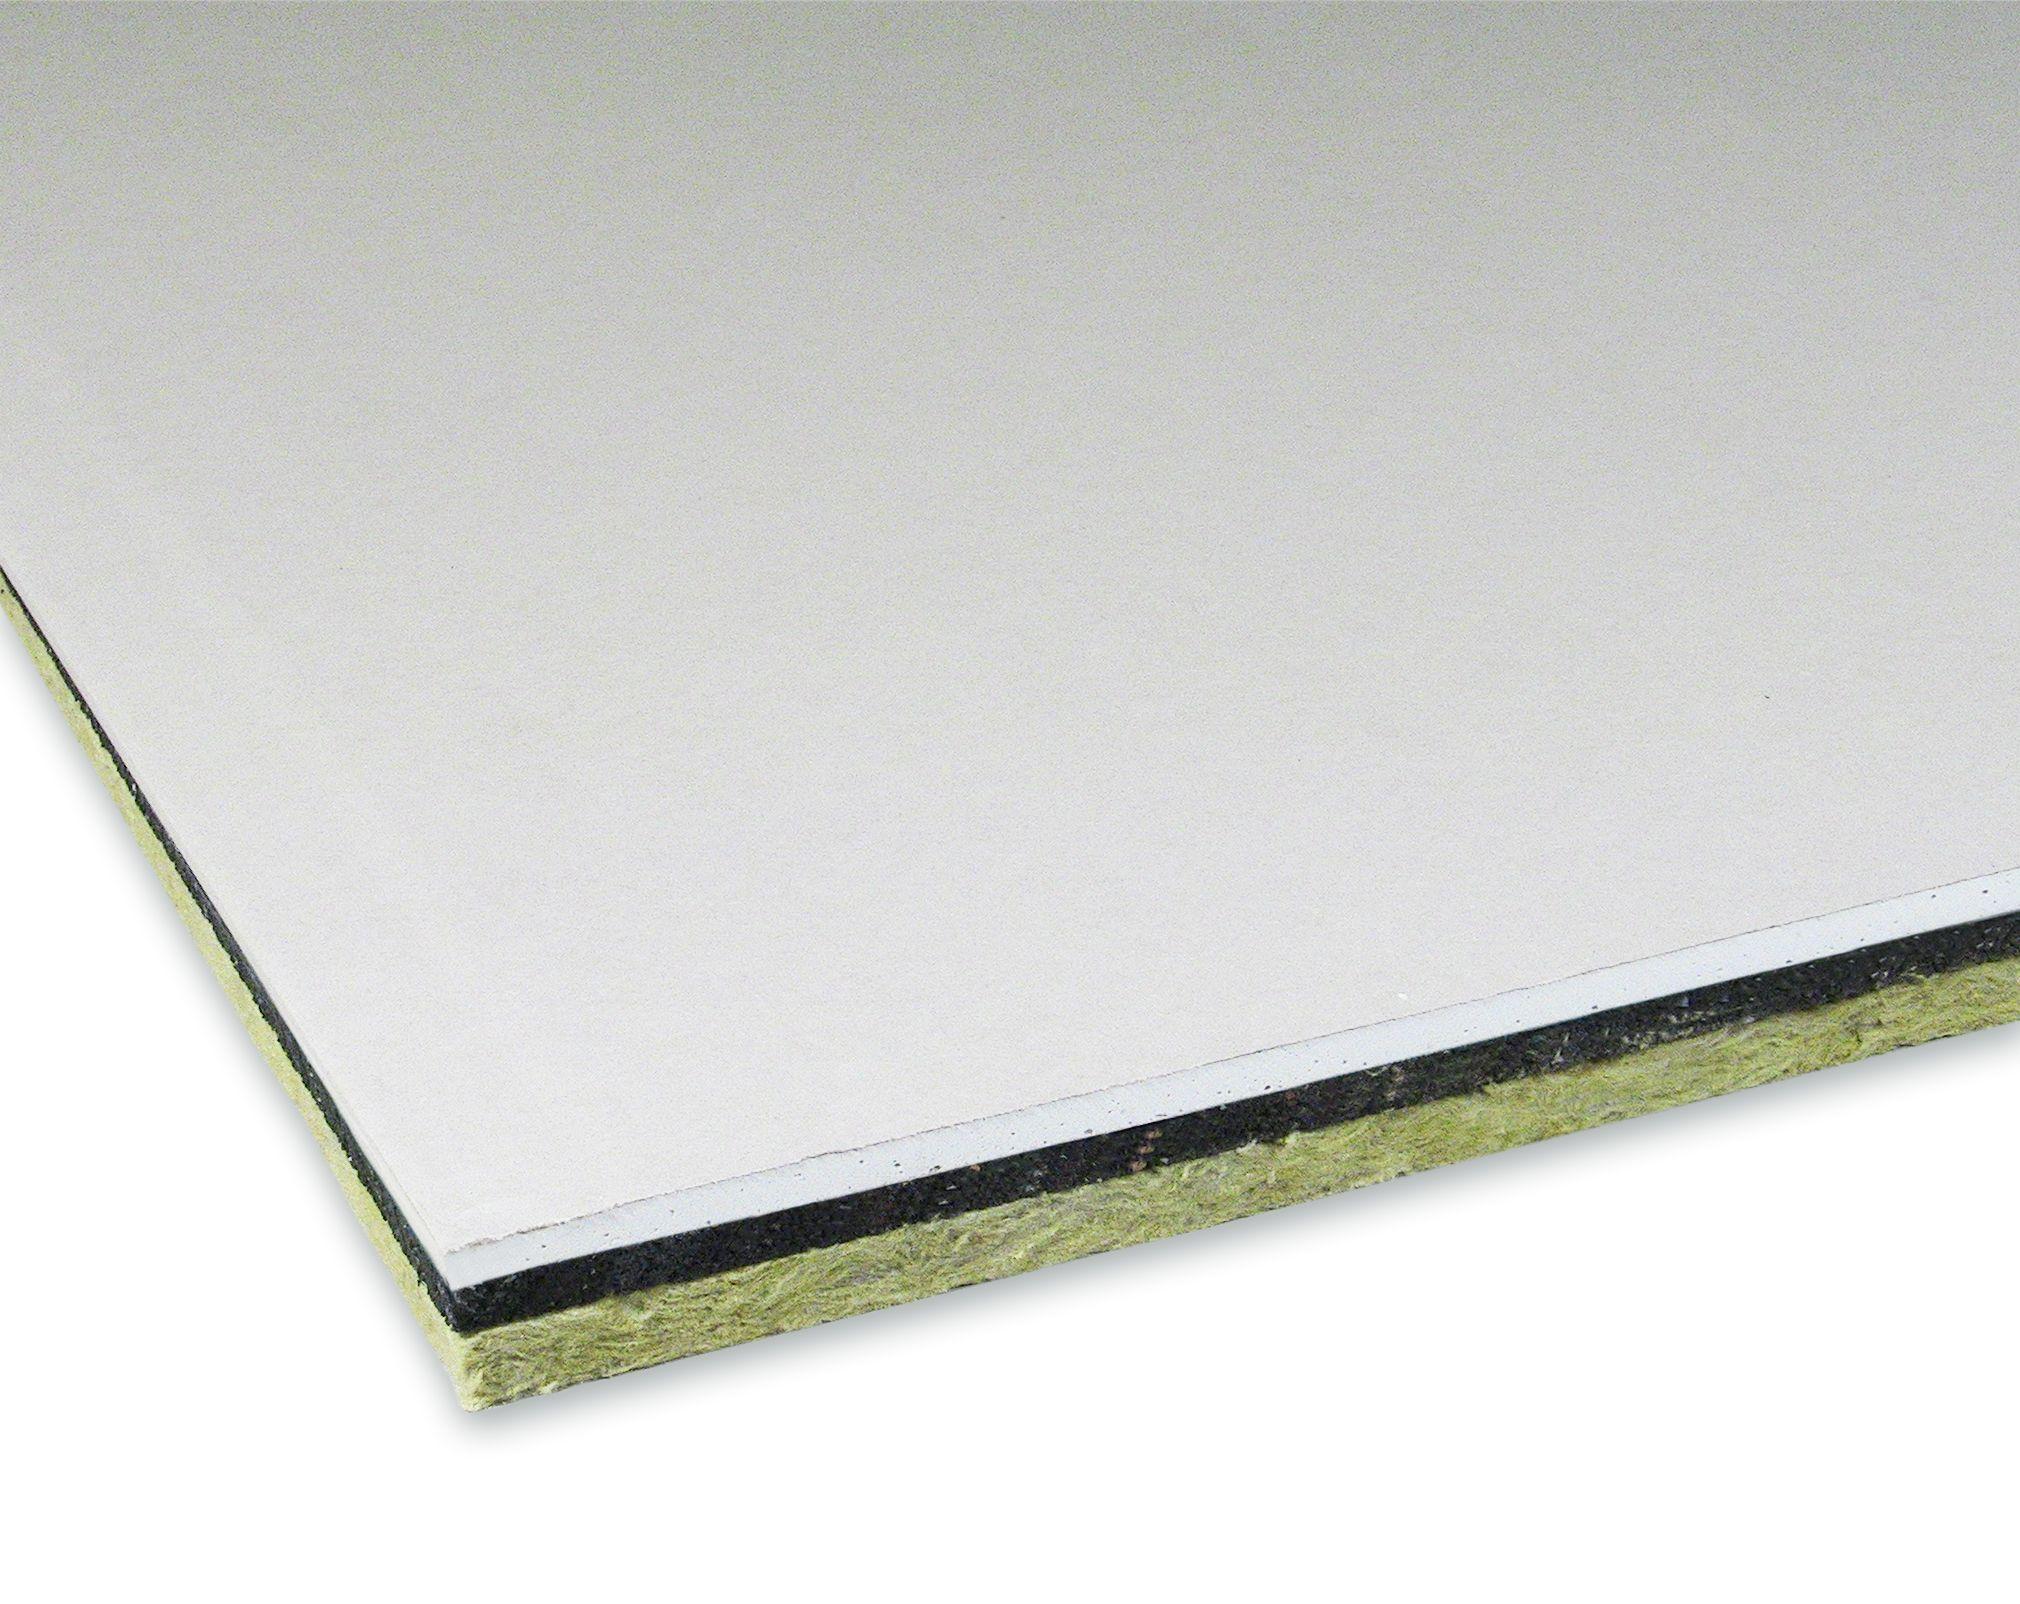 #Mineral 40RB è una gamma di prodotti costituiti dalle fibre naturali della lana di roccia sviluppati per applicazioni acustiche. I pannelli, grazie alla caratteristica struttura fibrosa, consentono di contrastare efficacemente il flusso di calore, rendendoli ottimi come soluzione per l'isolamento termico.  Maggiori informazioni: http://www.isolgomma.com/ita/prodotti_linea.php/sezione=edilizia/id_cat=/id_sol=/id_linea=17